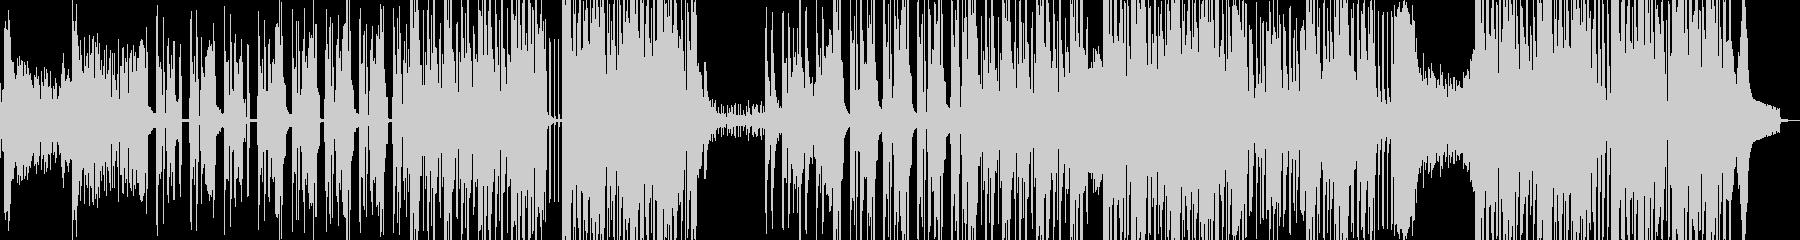 スリラー・民族ダークヒップホップ 長尺★の未再生の波形